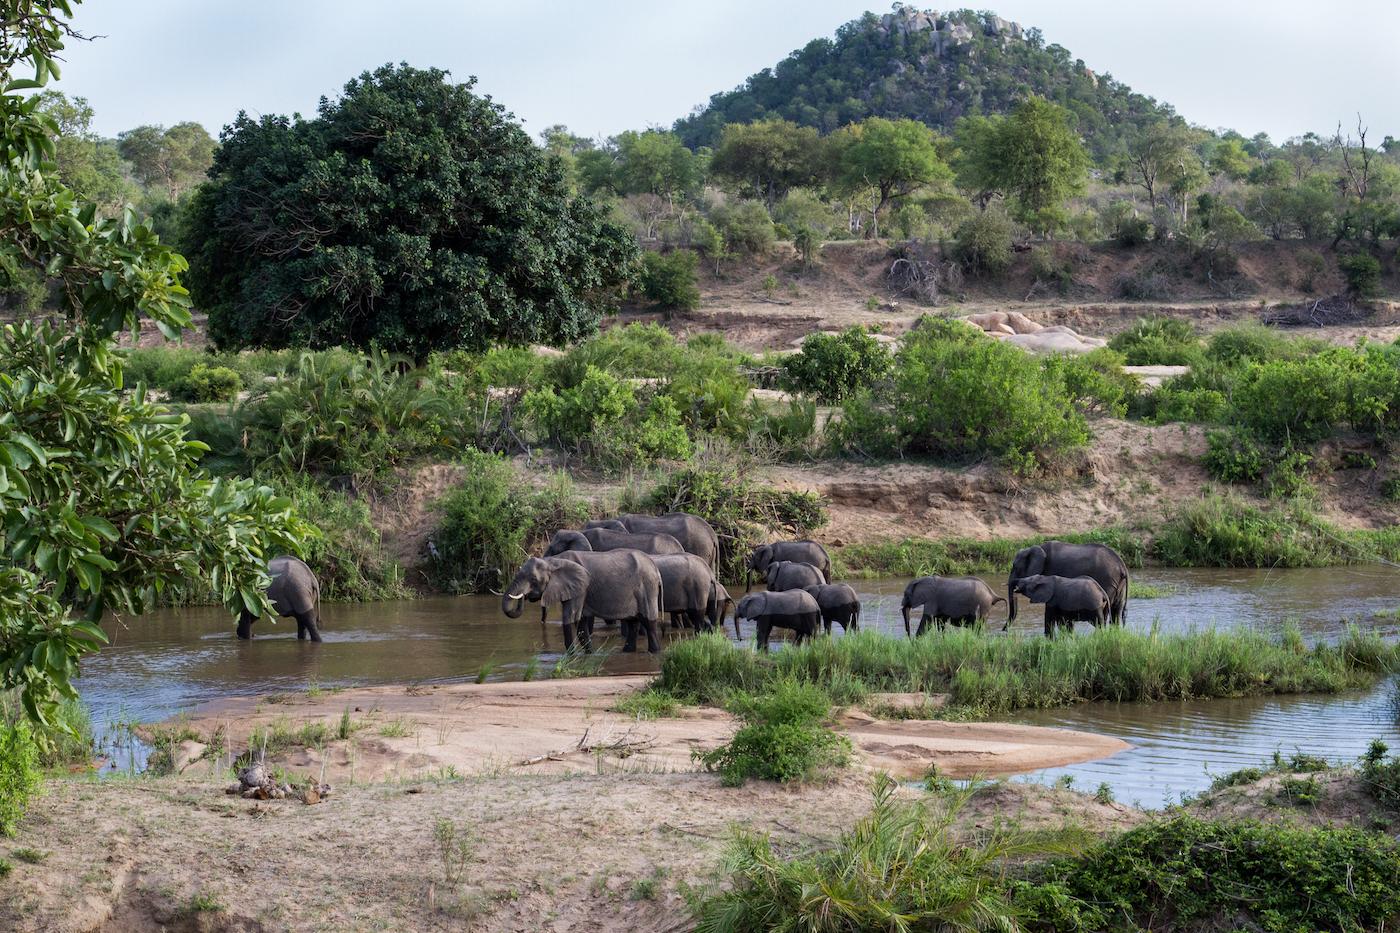 elephant-stwies-7581